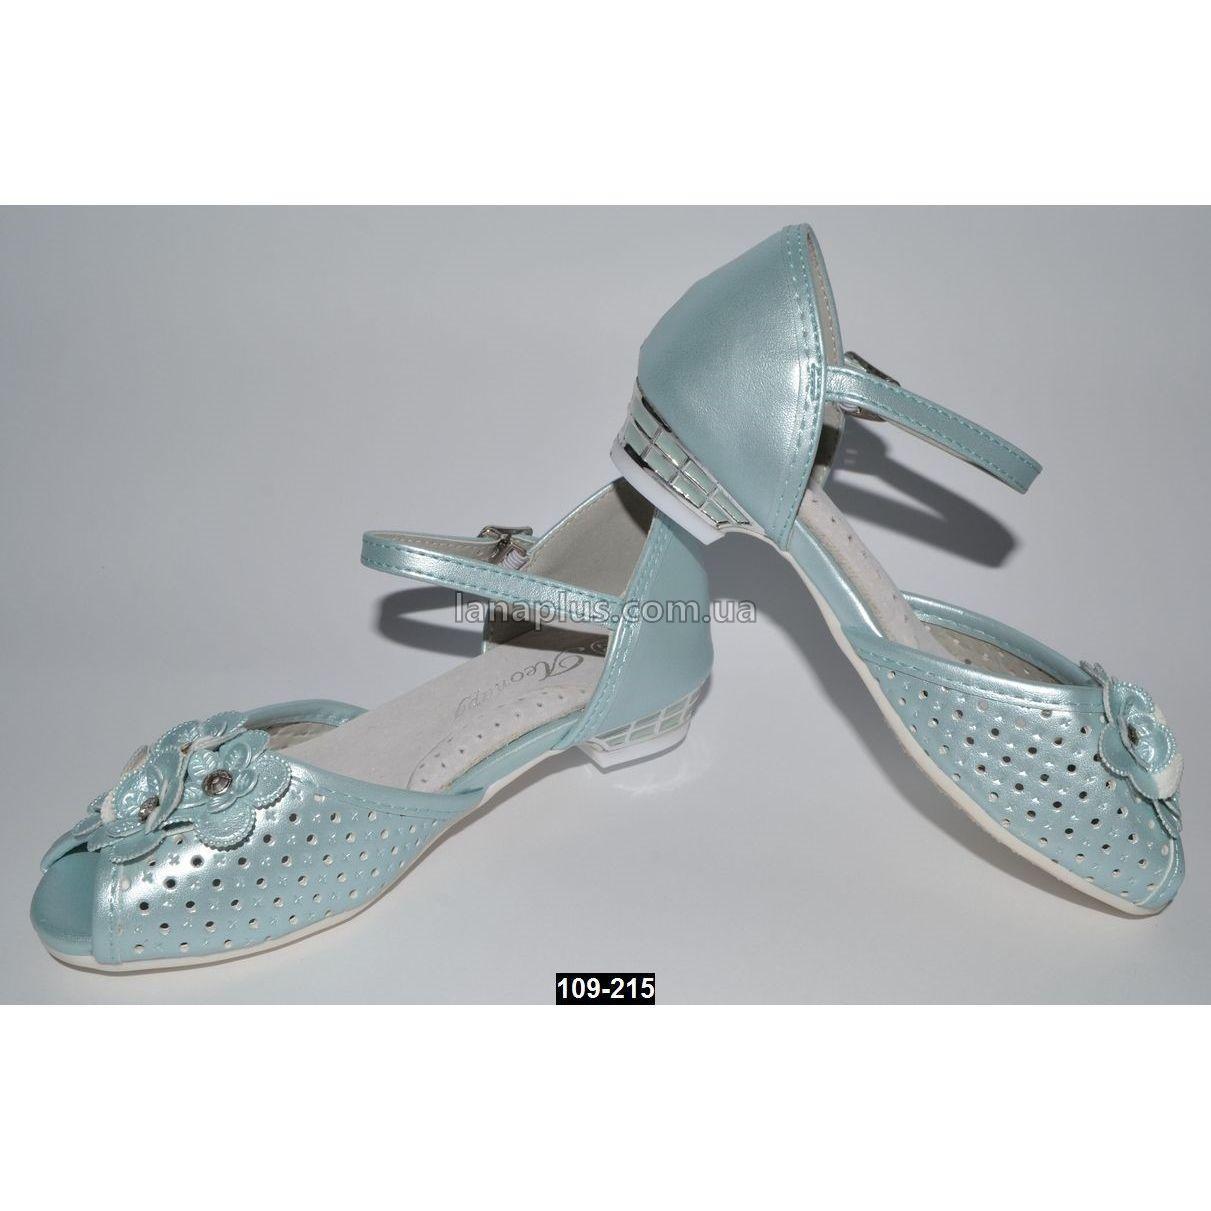 Нарядные босоножки, туфли для девочки, 25 размер (17 см), супинатор, кожаная стелька, 109-215